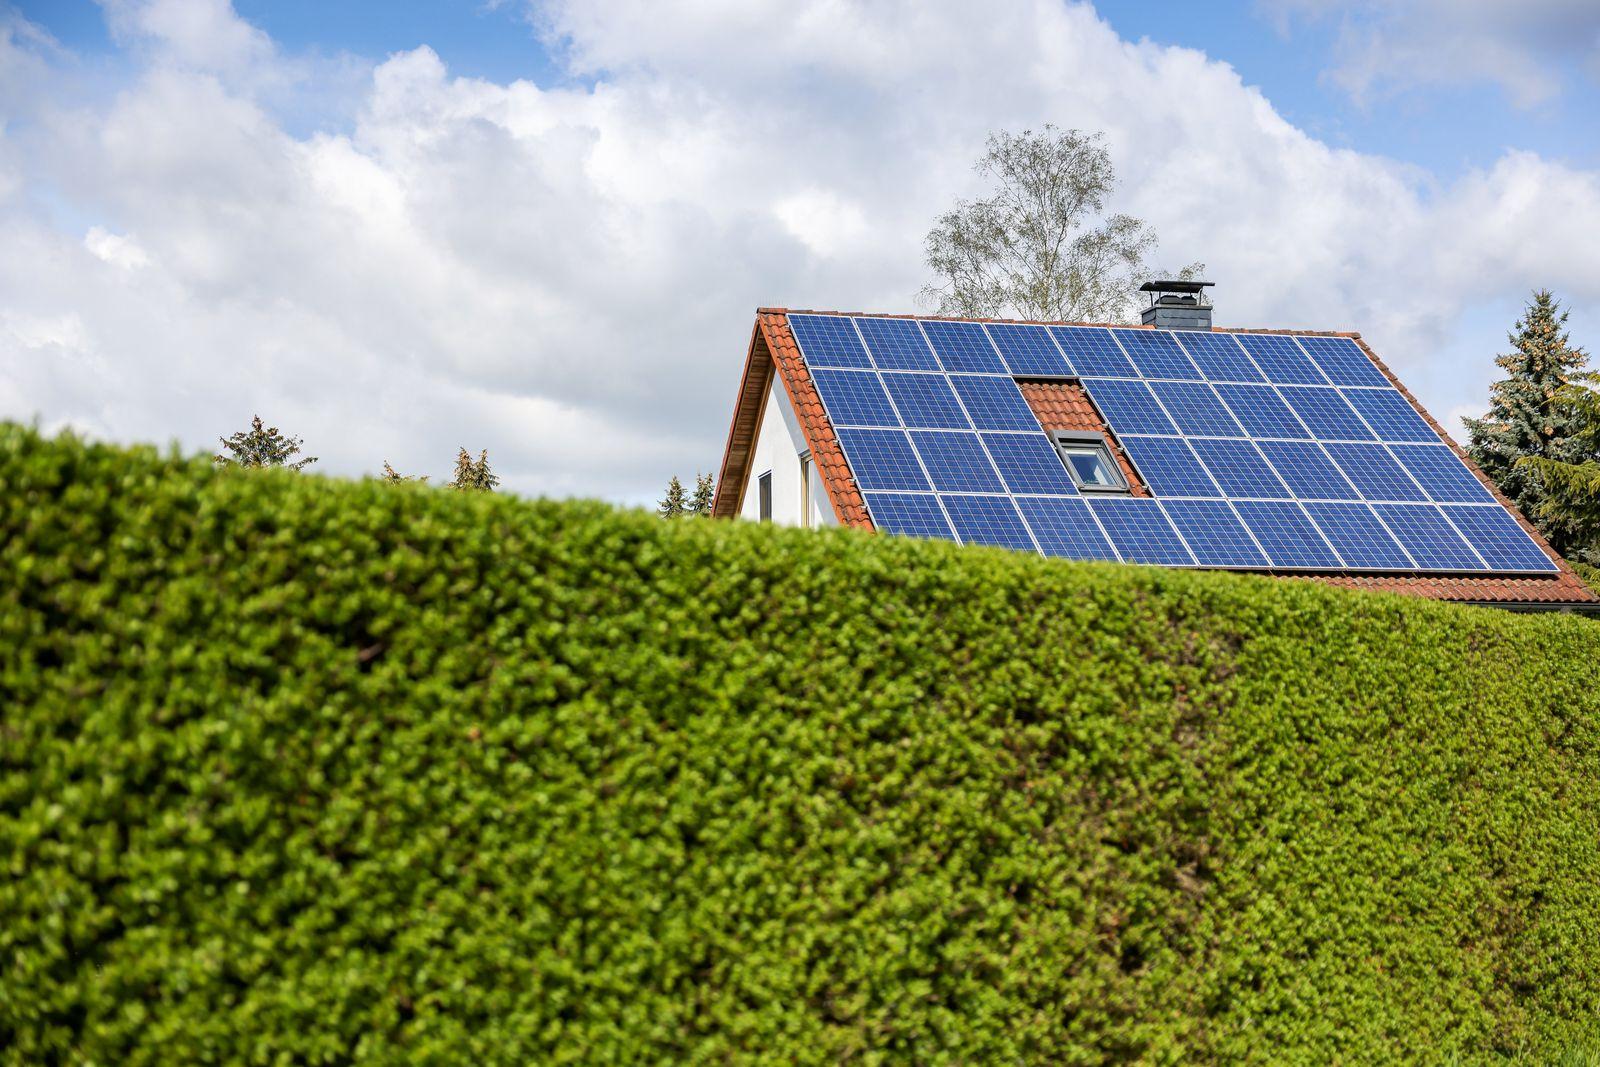 Solarzellen auf Hausdach